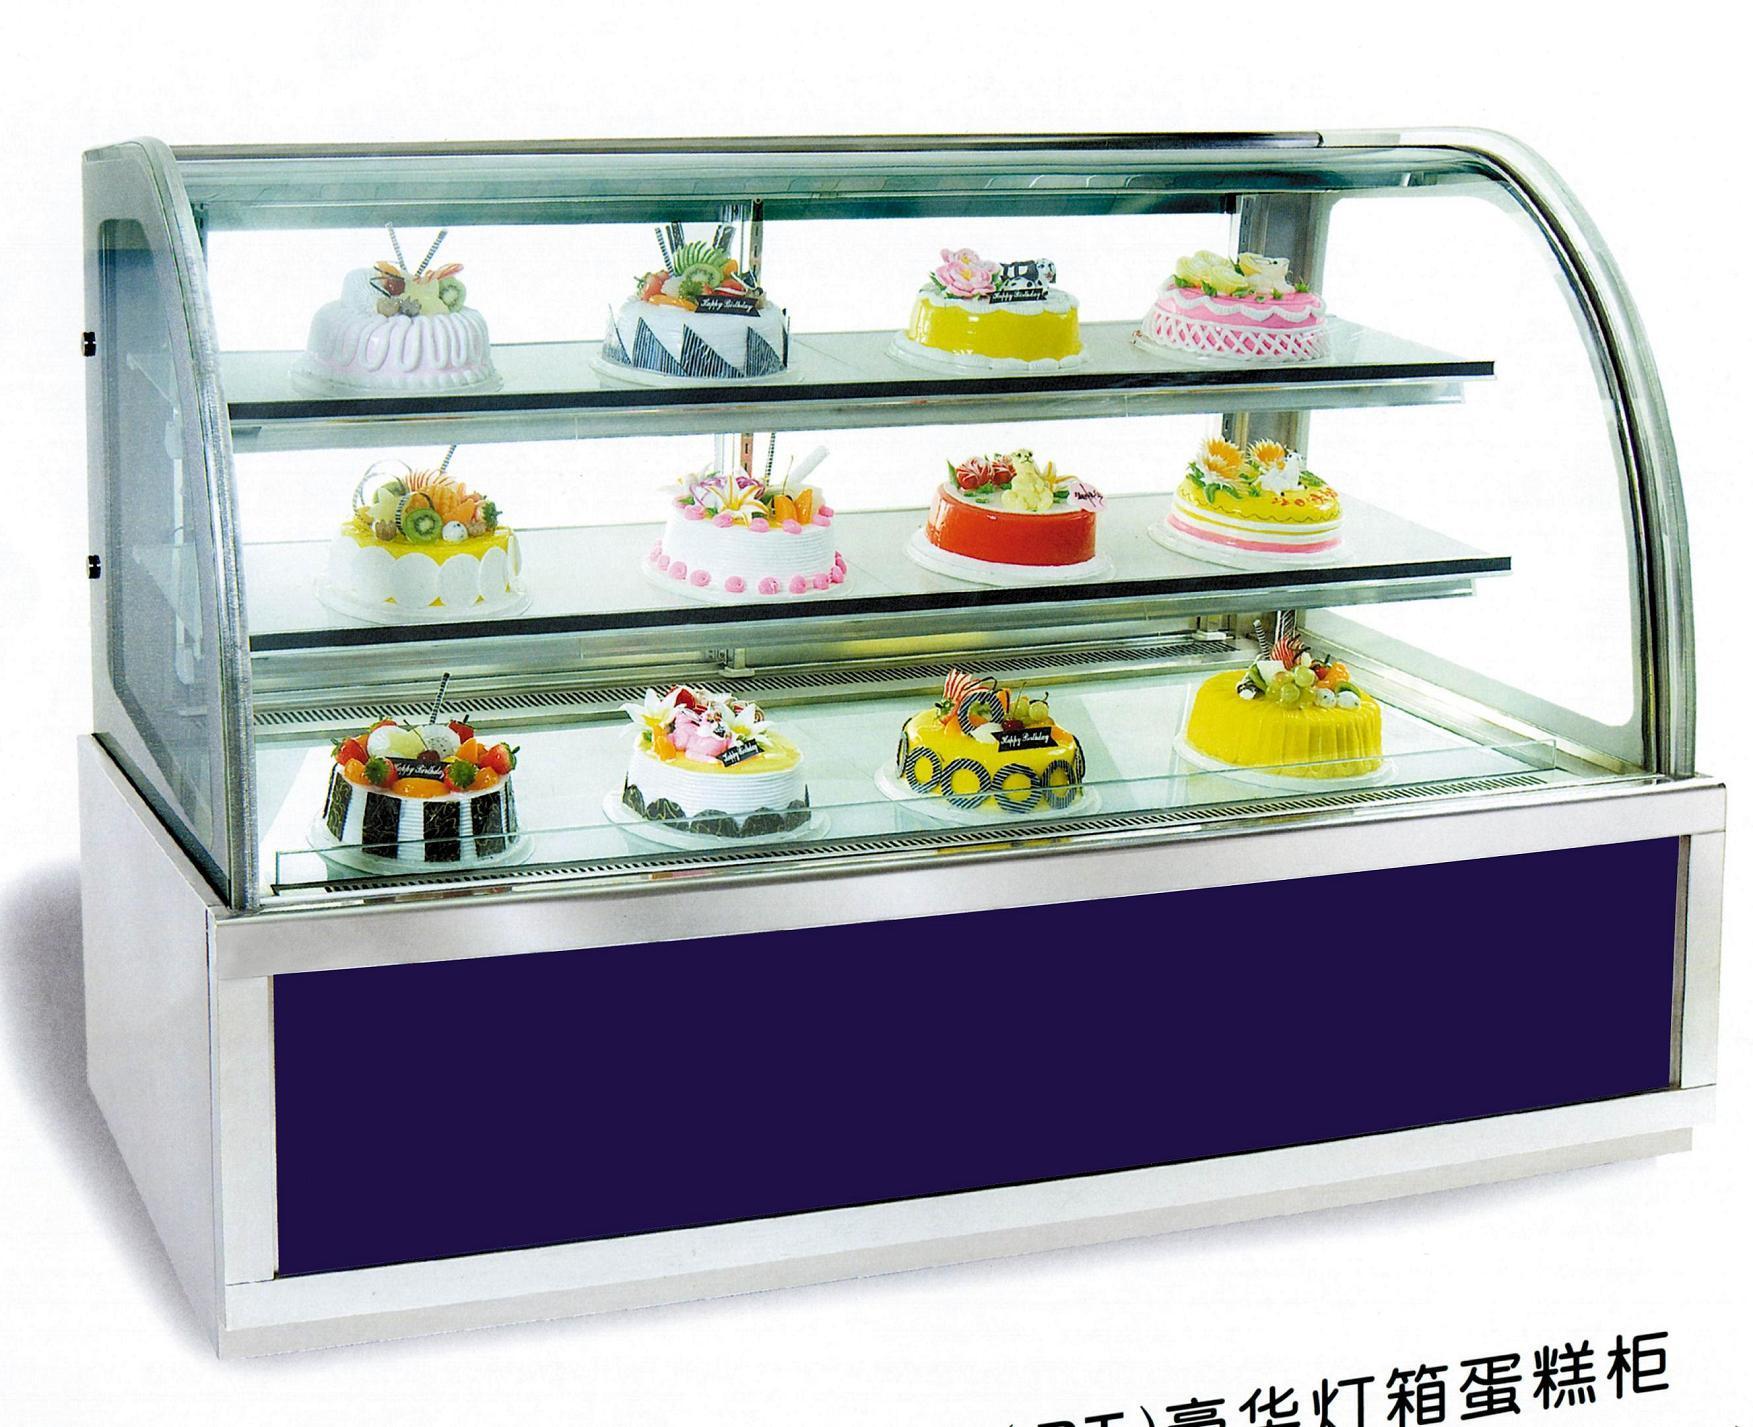 China Luxury Light Box Cake Display Cabinet Rt 1200 1500